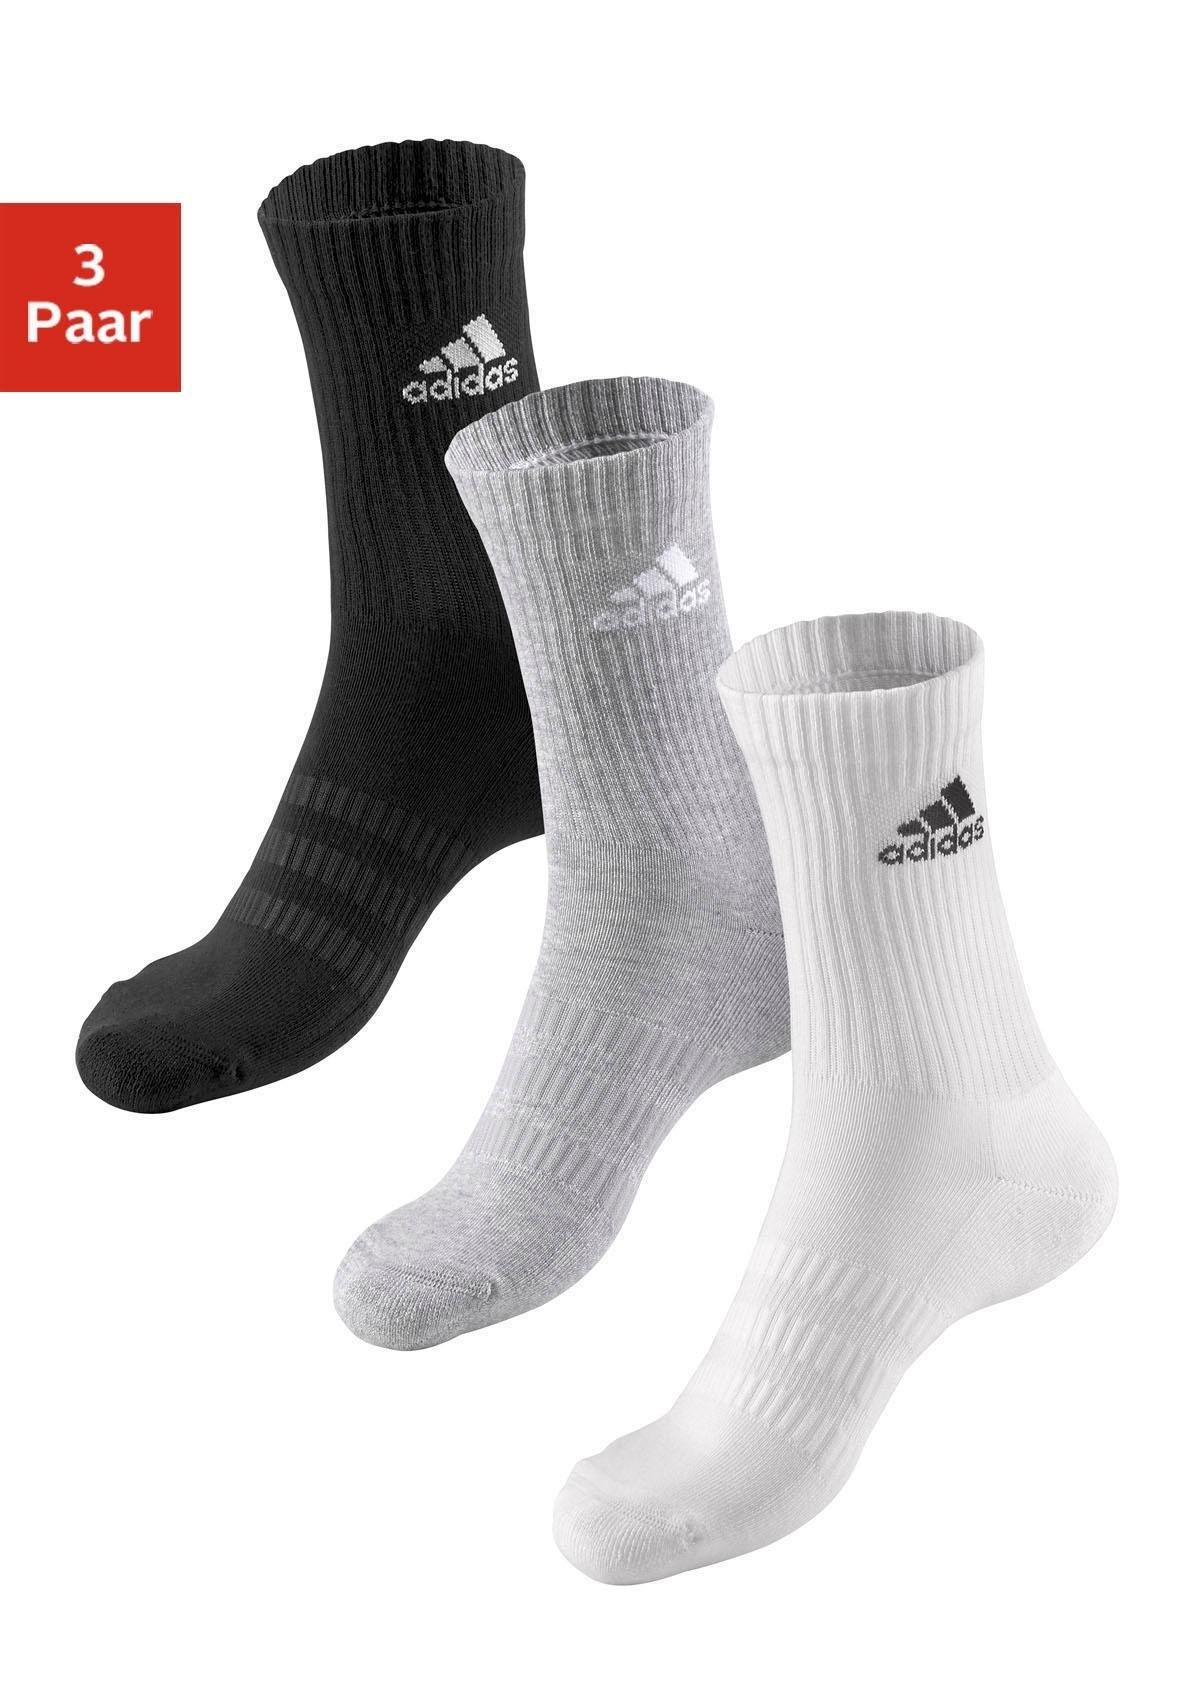 adidas Performance Tennissokken met voetbekleding (3 paar) bestellen: 30 dagen bedenktijd